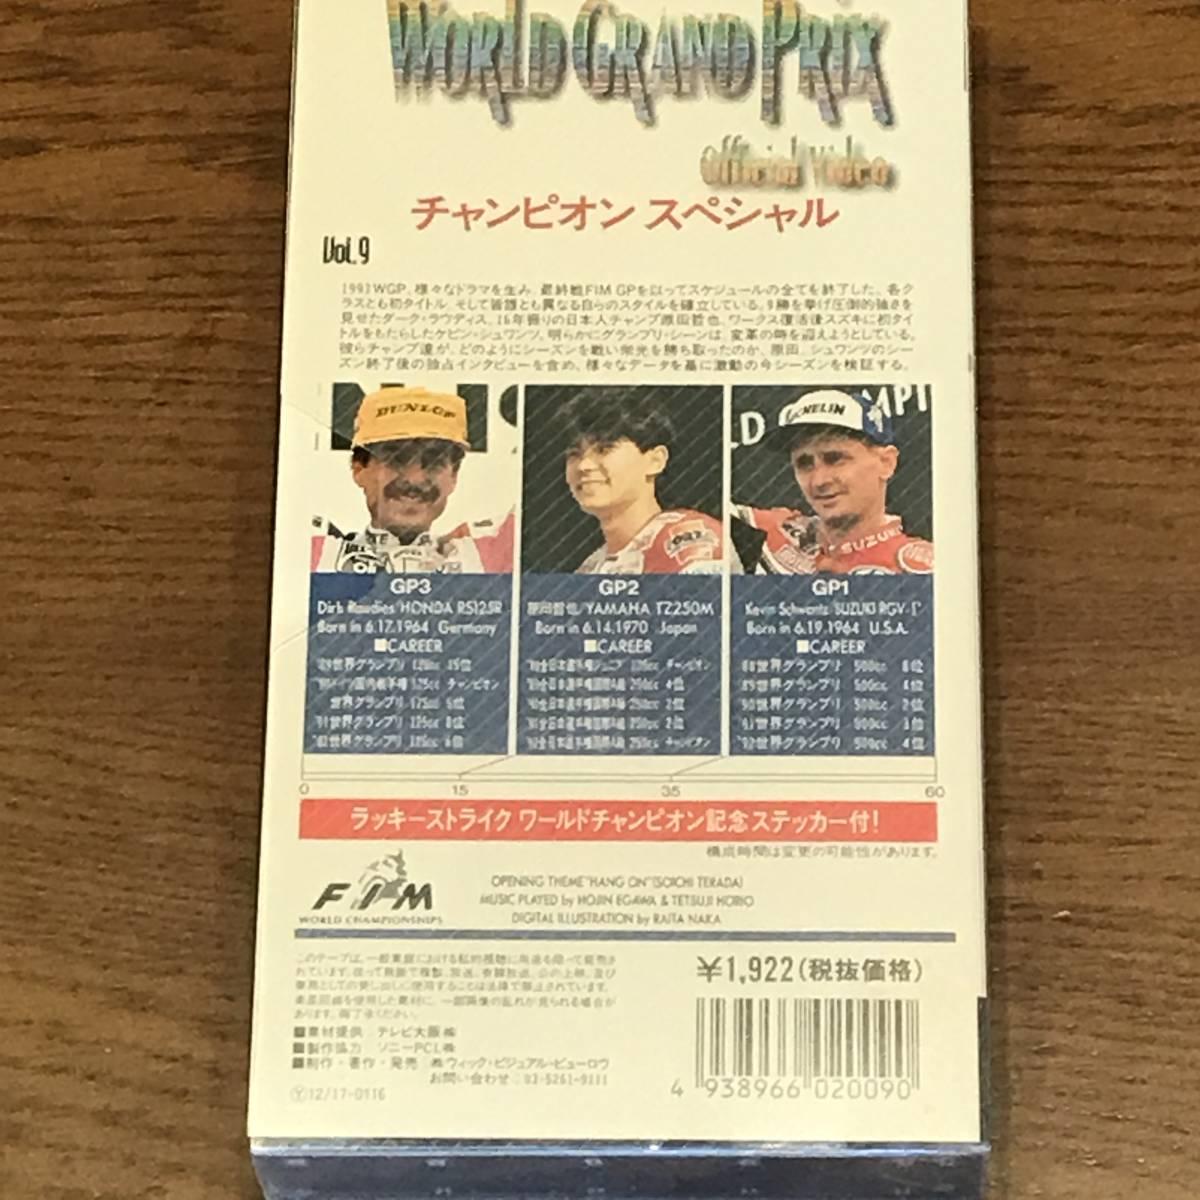 '93世界選手権ロードレース Vol.9 チャンピオン スペシャル ワールドグランプリ オフィシャルビデオ _画像2